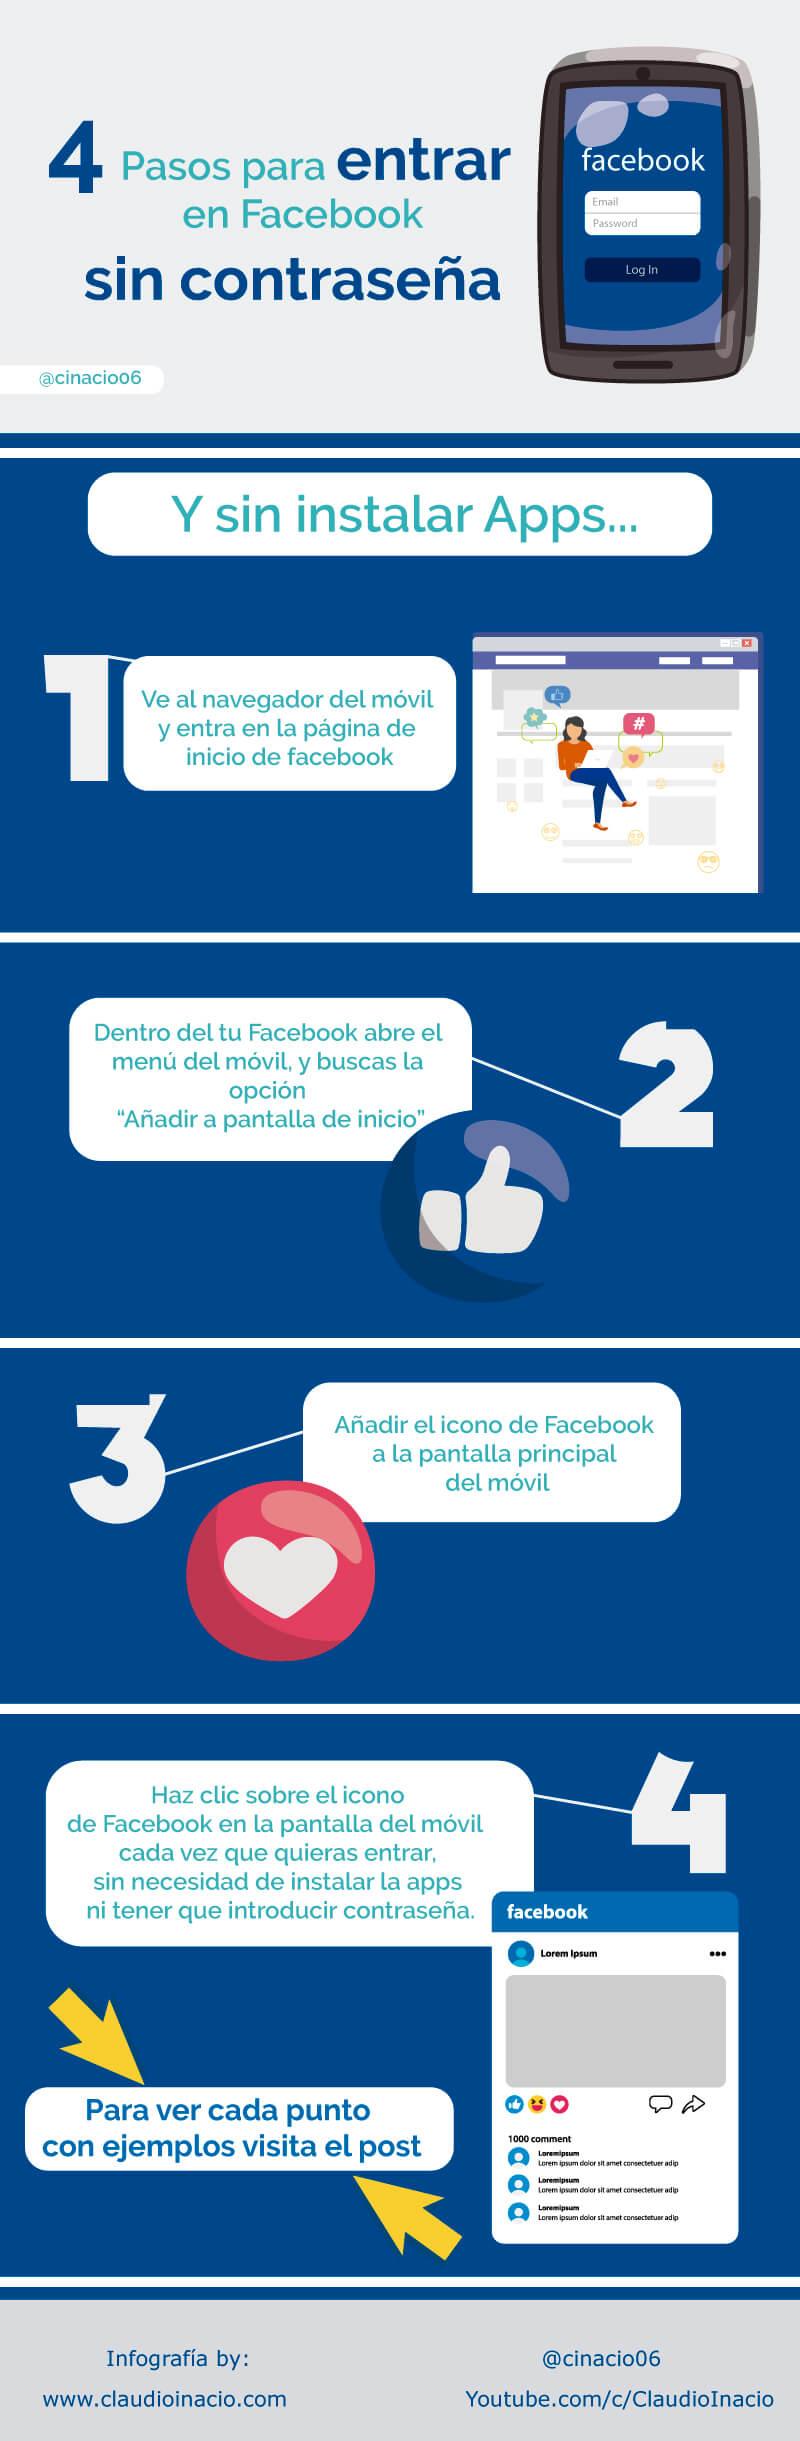 Infografia para entrar en mi Facebook sin contraseña y directo